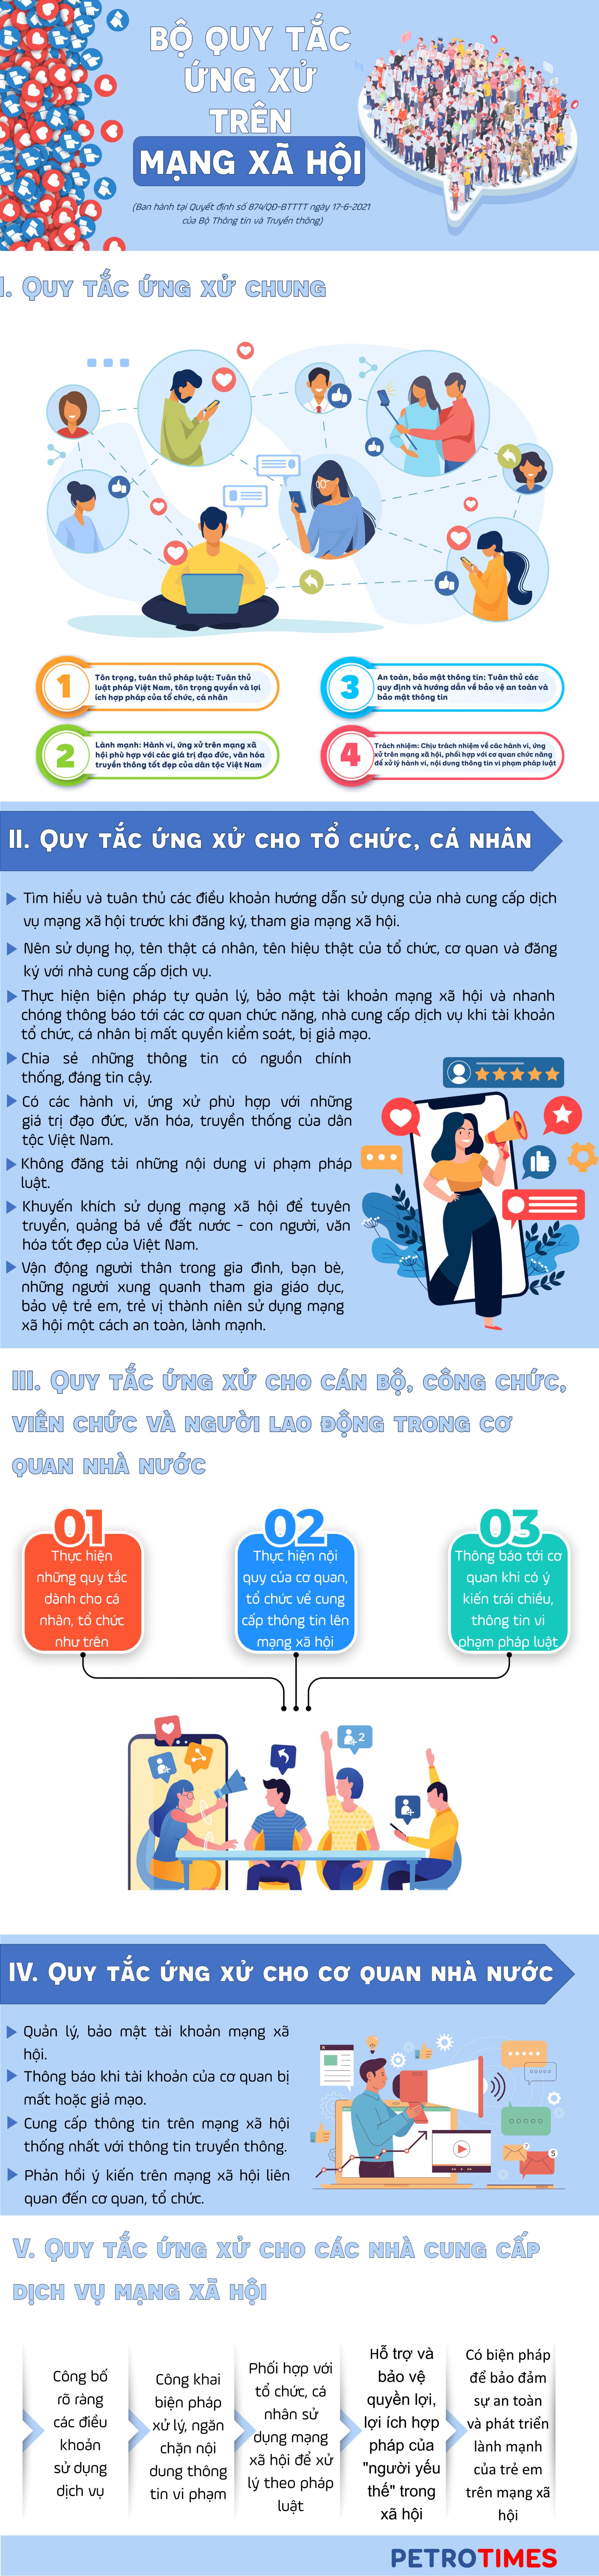 [Infographic] Bộ Quy tắc ứng xử trên mạng xã hội